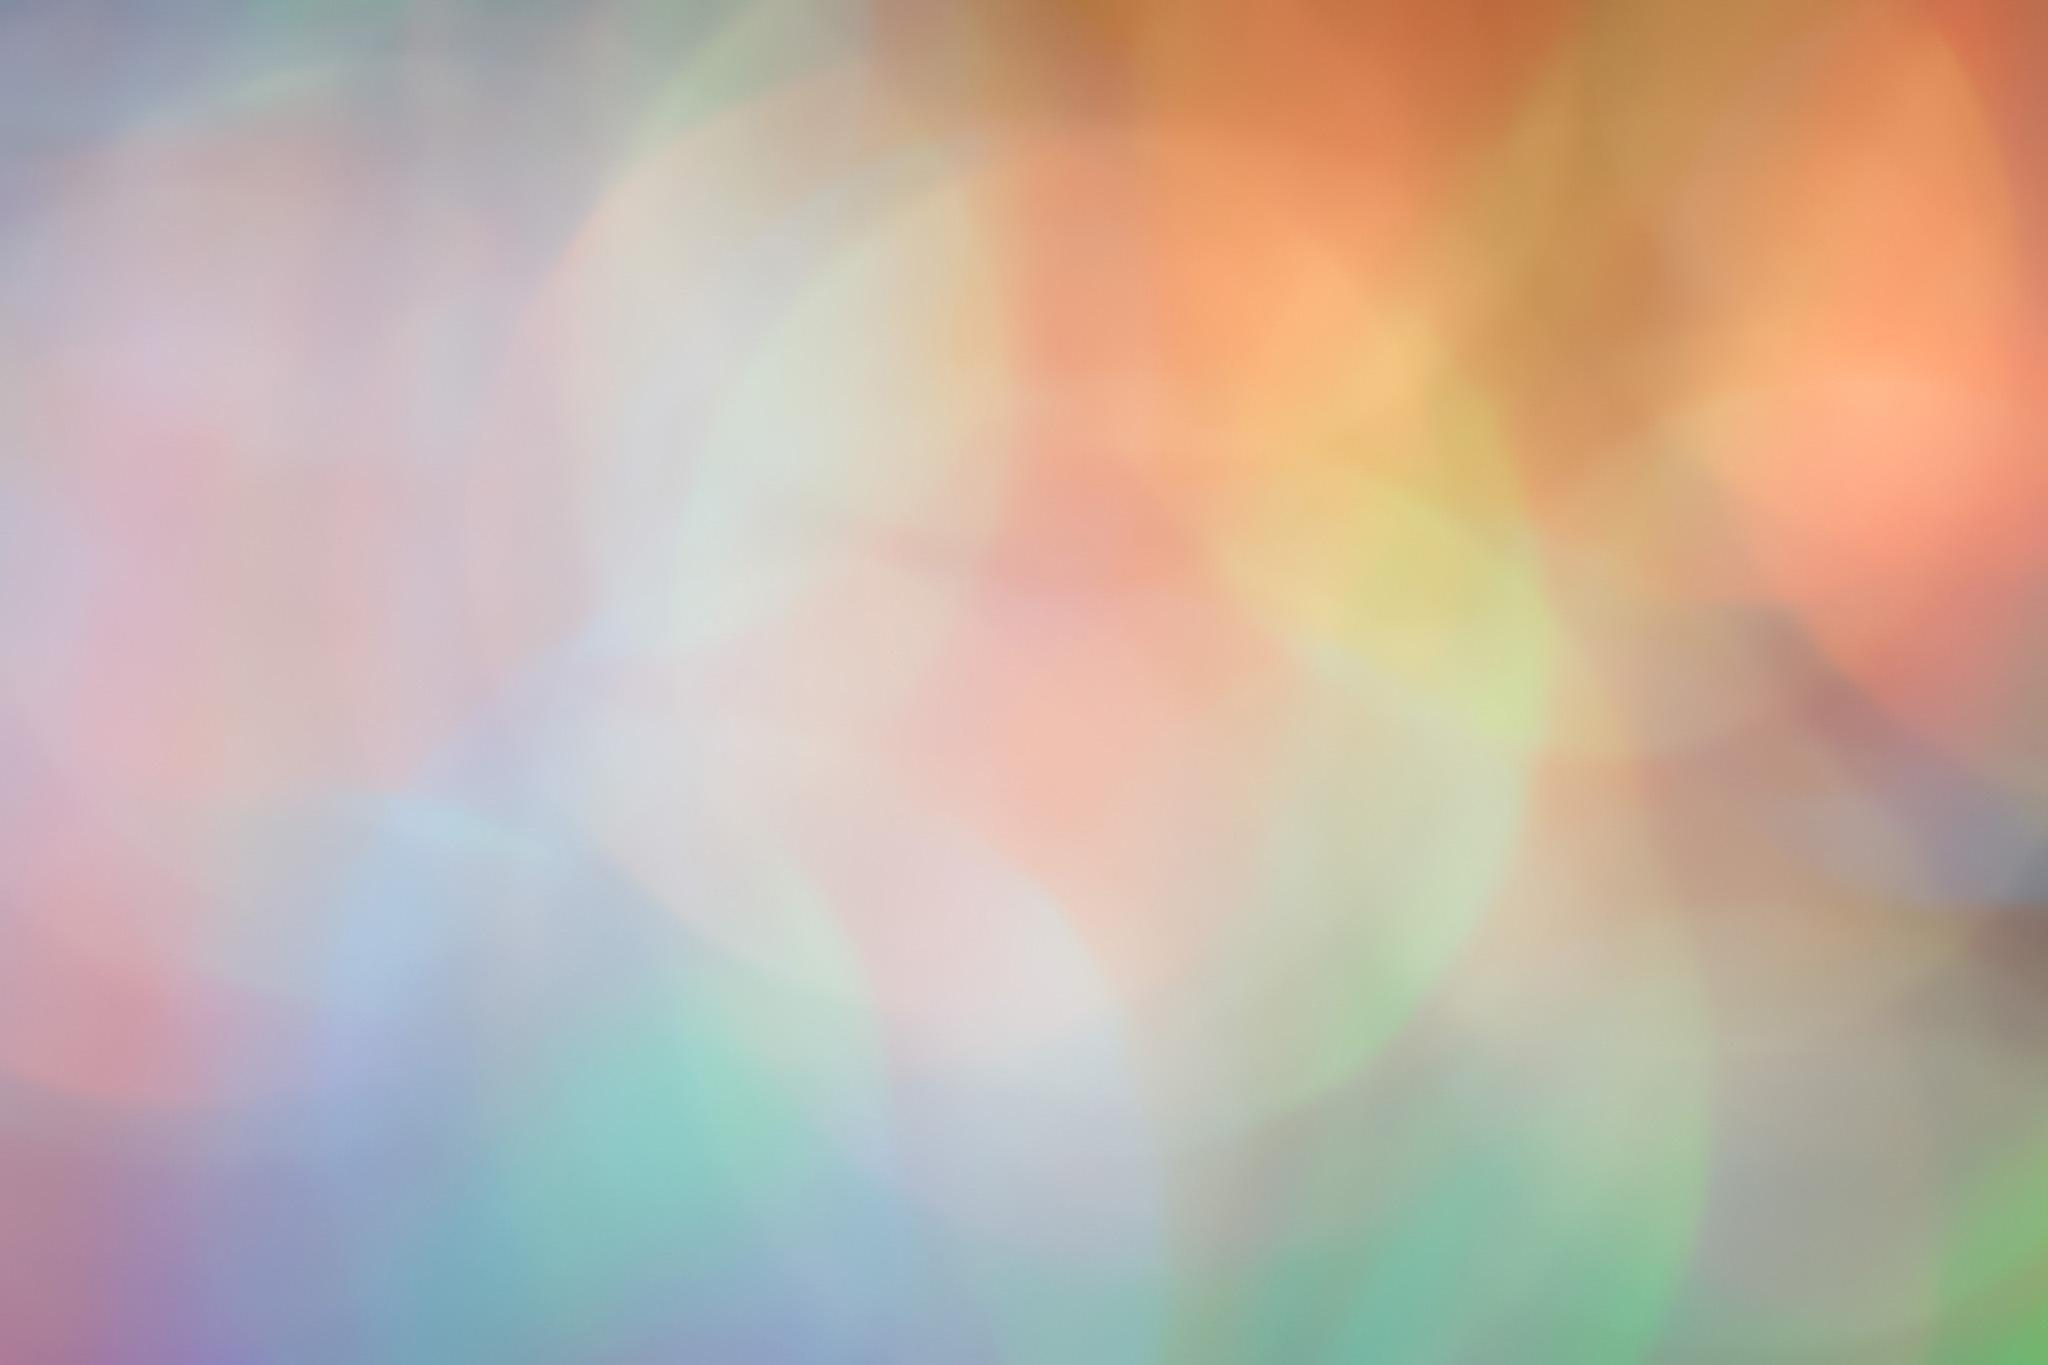 「光のグラデーション」